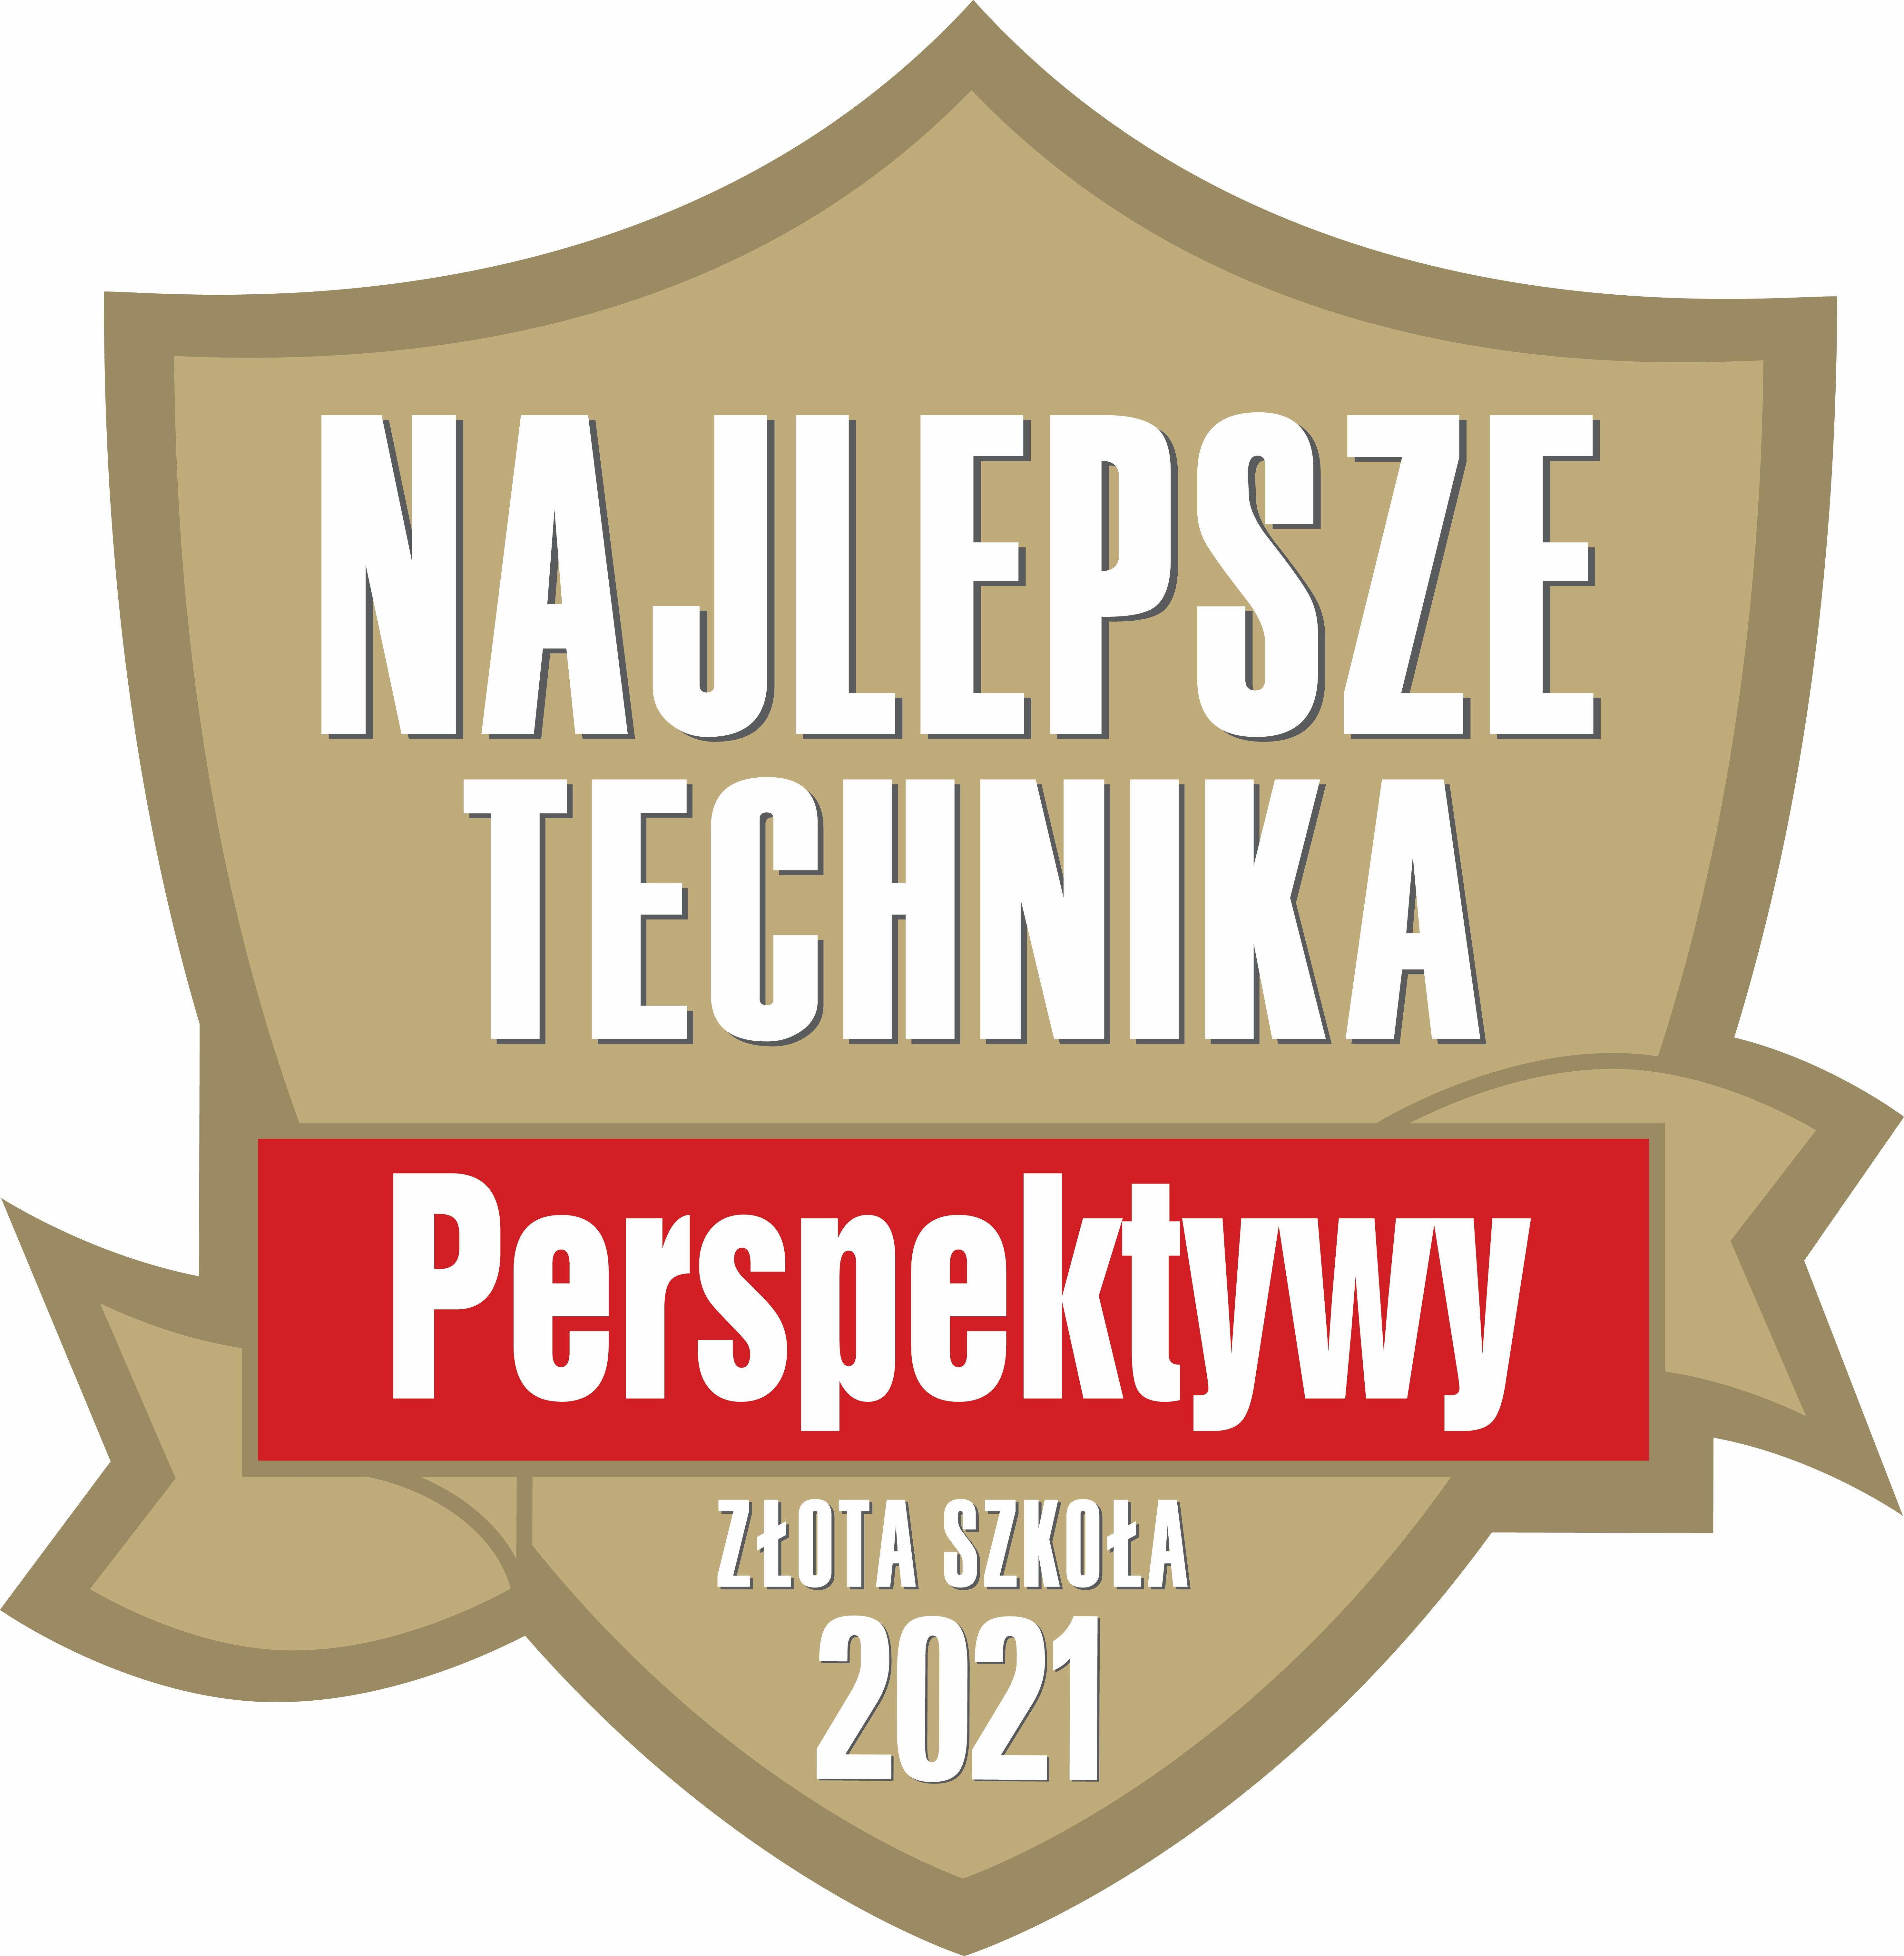 """Fundacja Edukacyjna """"Perspektywy"""" potwierdza, że Technikum nr 1 w Zespole Szkół im. Wł. Szybińskiego w Cieszynie jest wśród 500 najlepszych techników w Polsce sklasyfikowanych w Rankingu Liceów i Techników PERSPEKTYWY 2021 i przysługuje mu tytuł """"Złotej Szkoły 2021""""."""